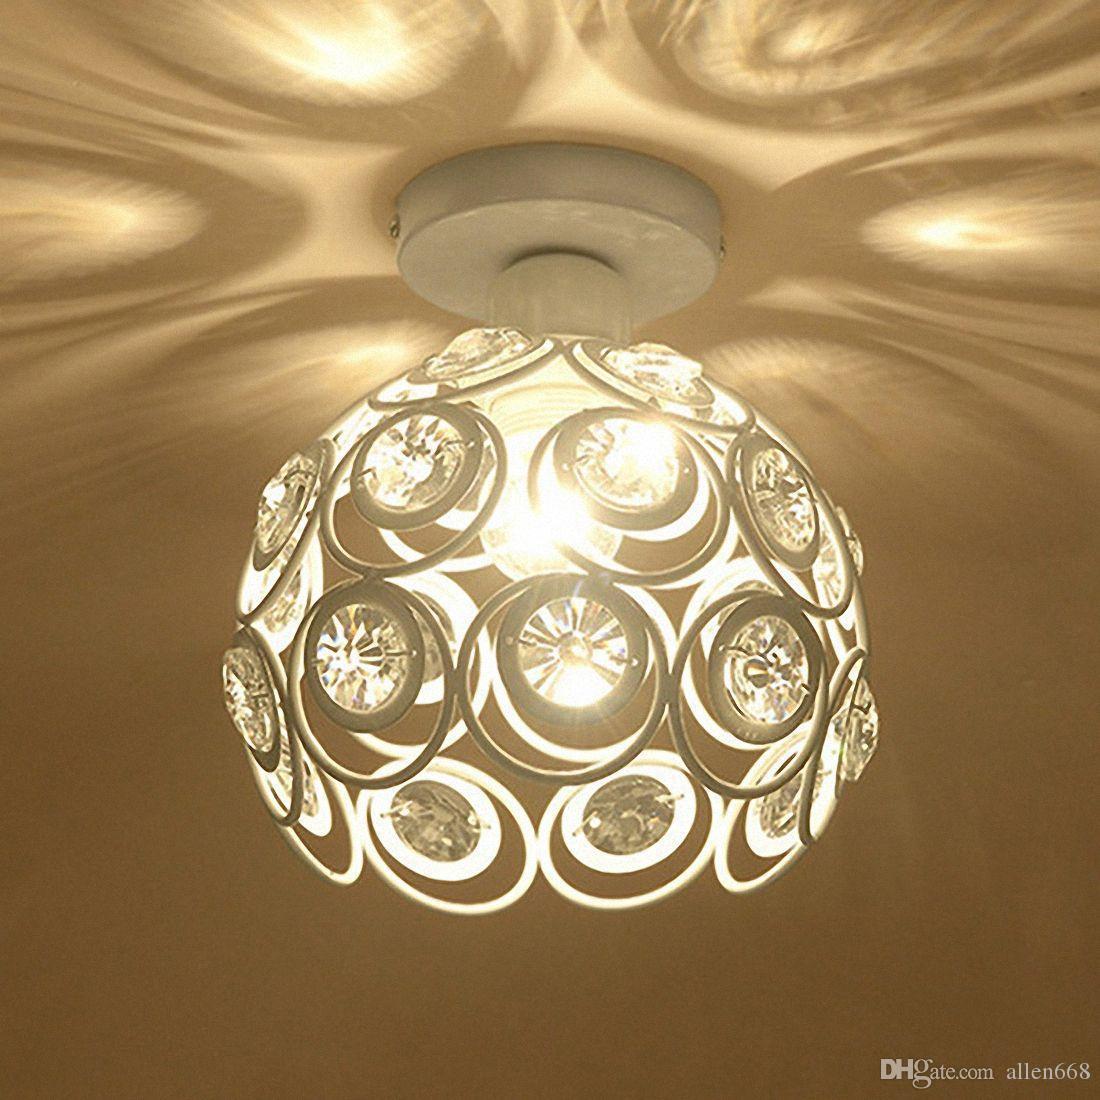 E27 الإبداعية كريستال الحد الأدنى السقف ضوء مصباح السقف بسيط نوم زقاق بسيط الأوروبي الأبيض الحديد مصباح كريستال مصباح